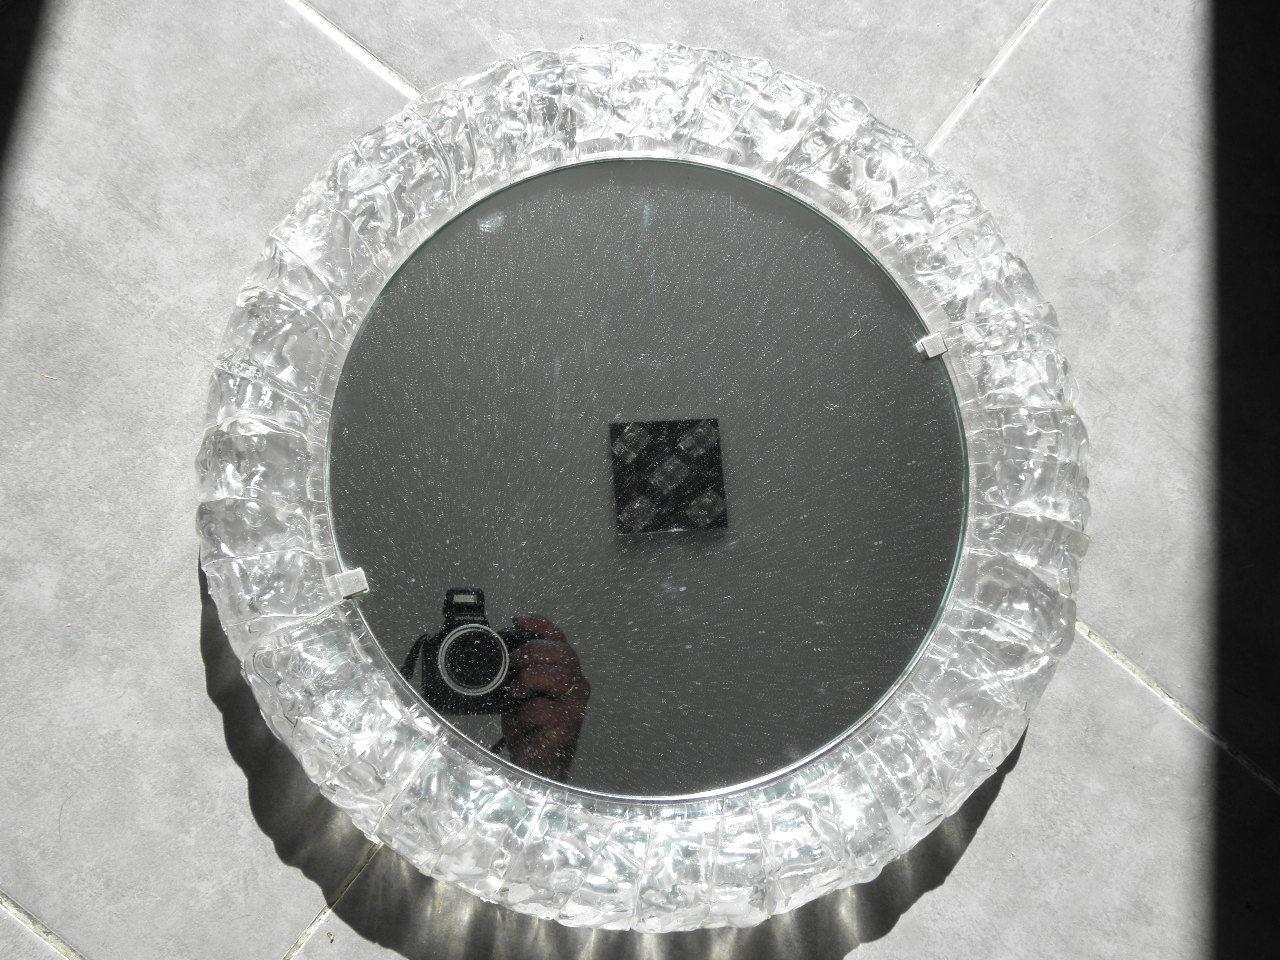 Bauhaus Plexiglas